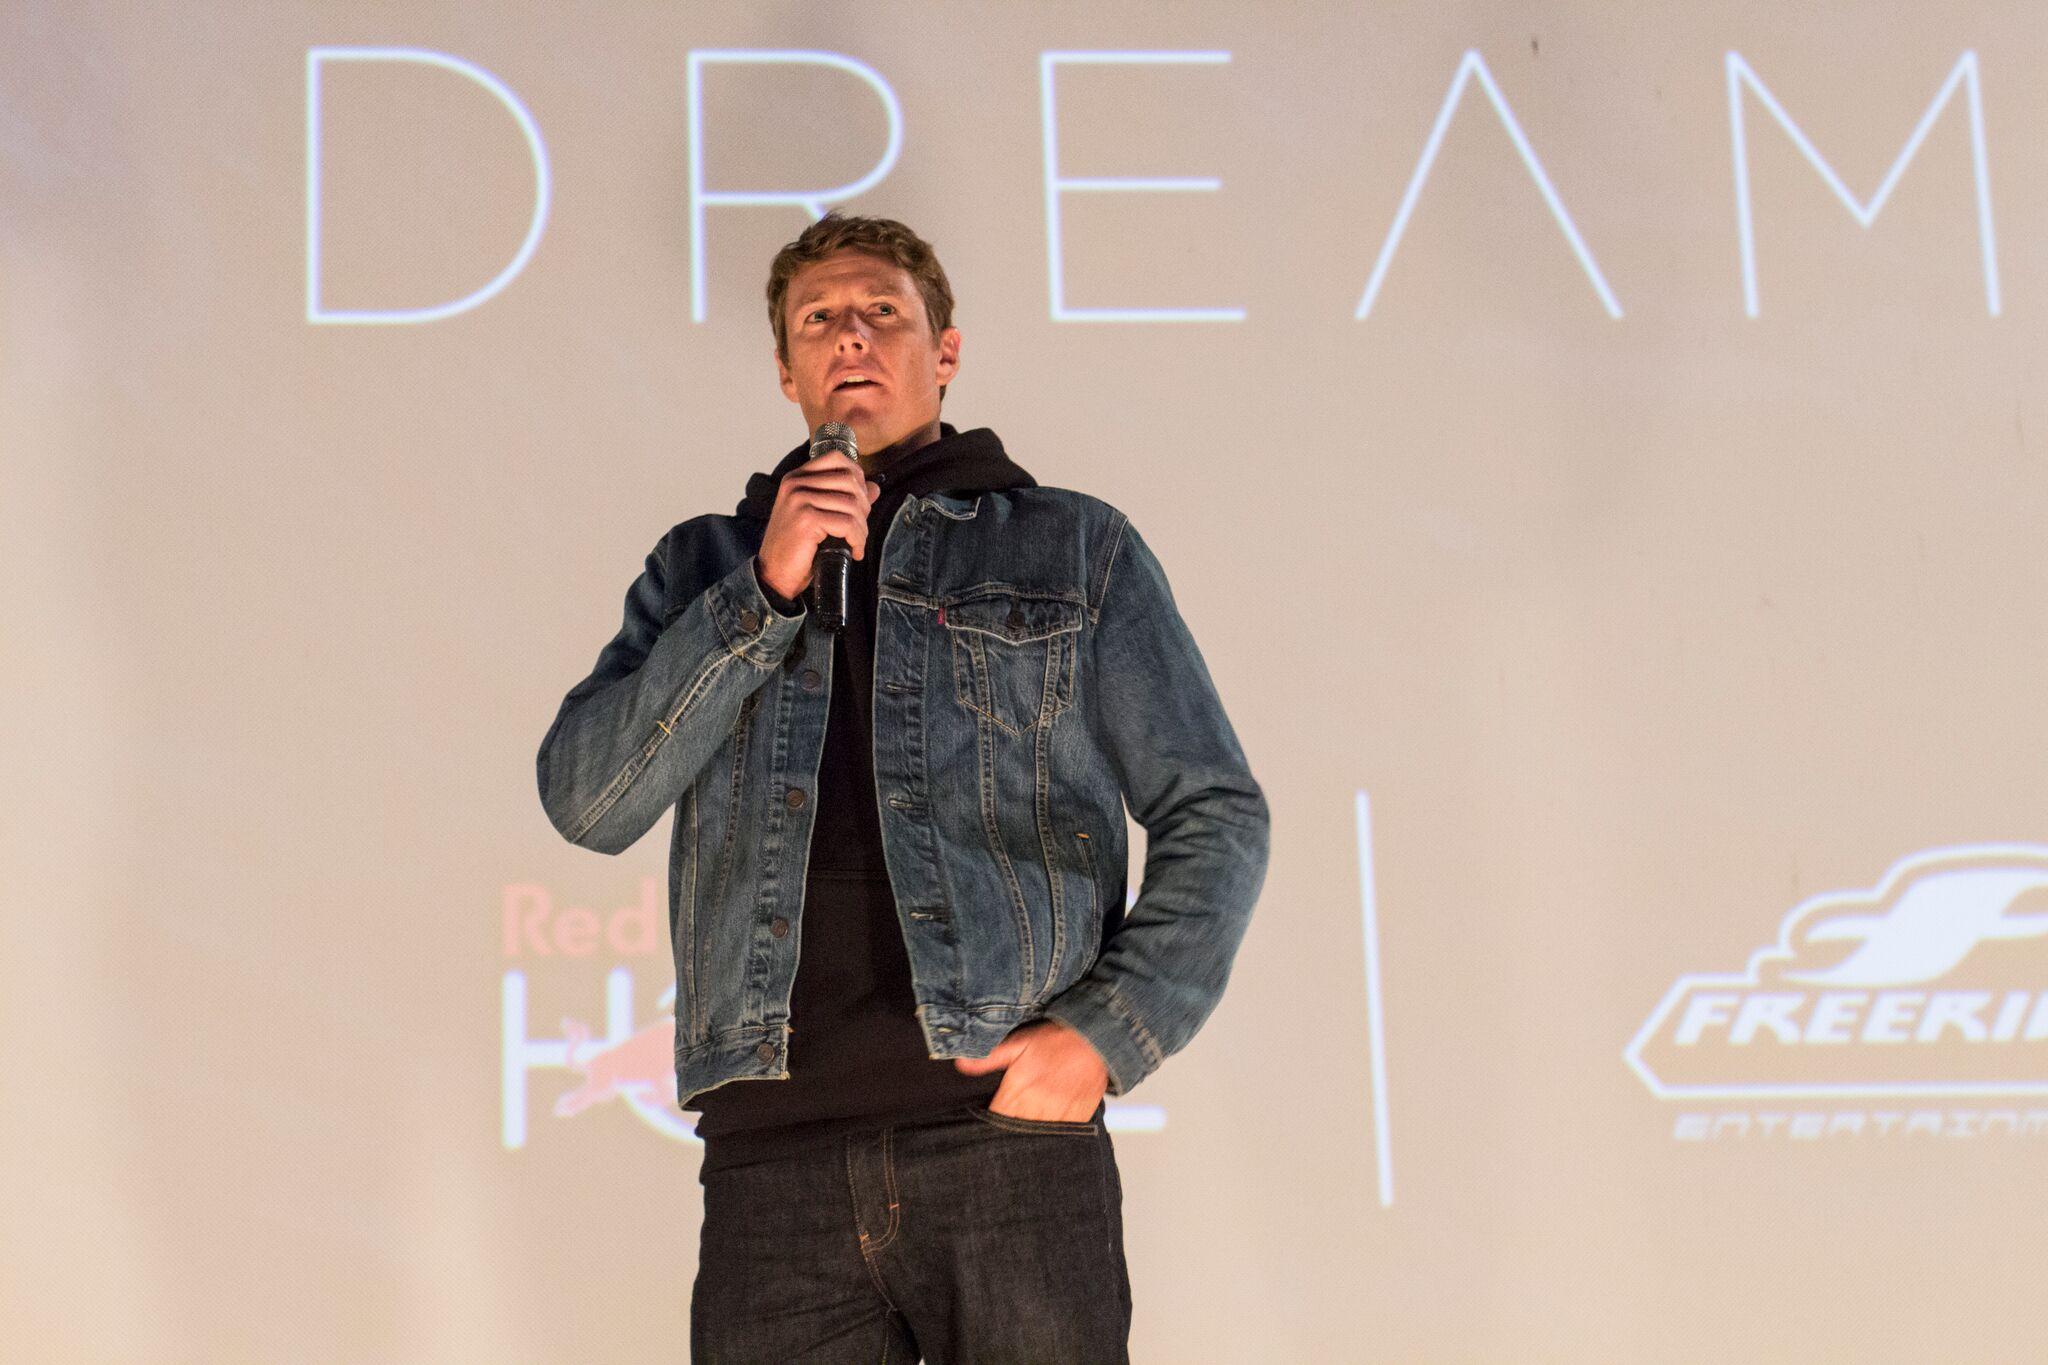 Ian Walsh, photo: Jessica Pohl